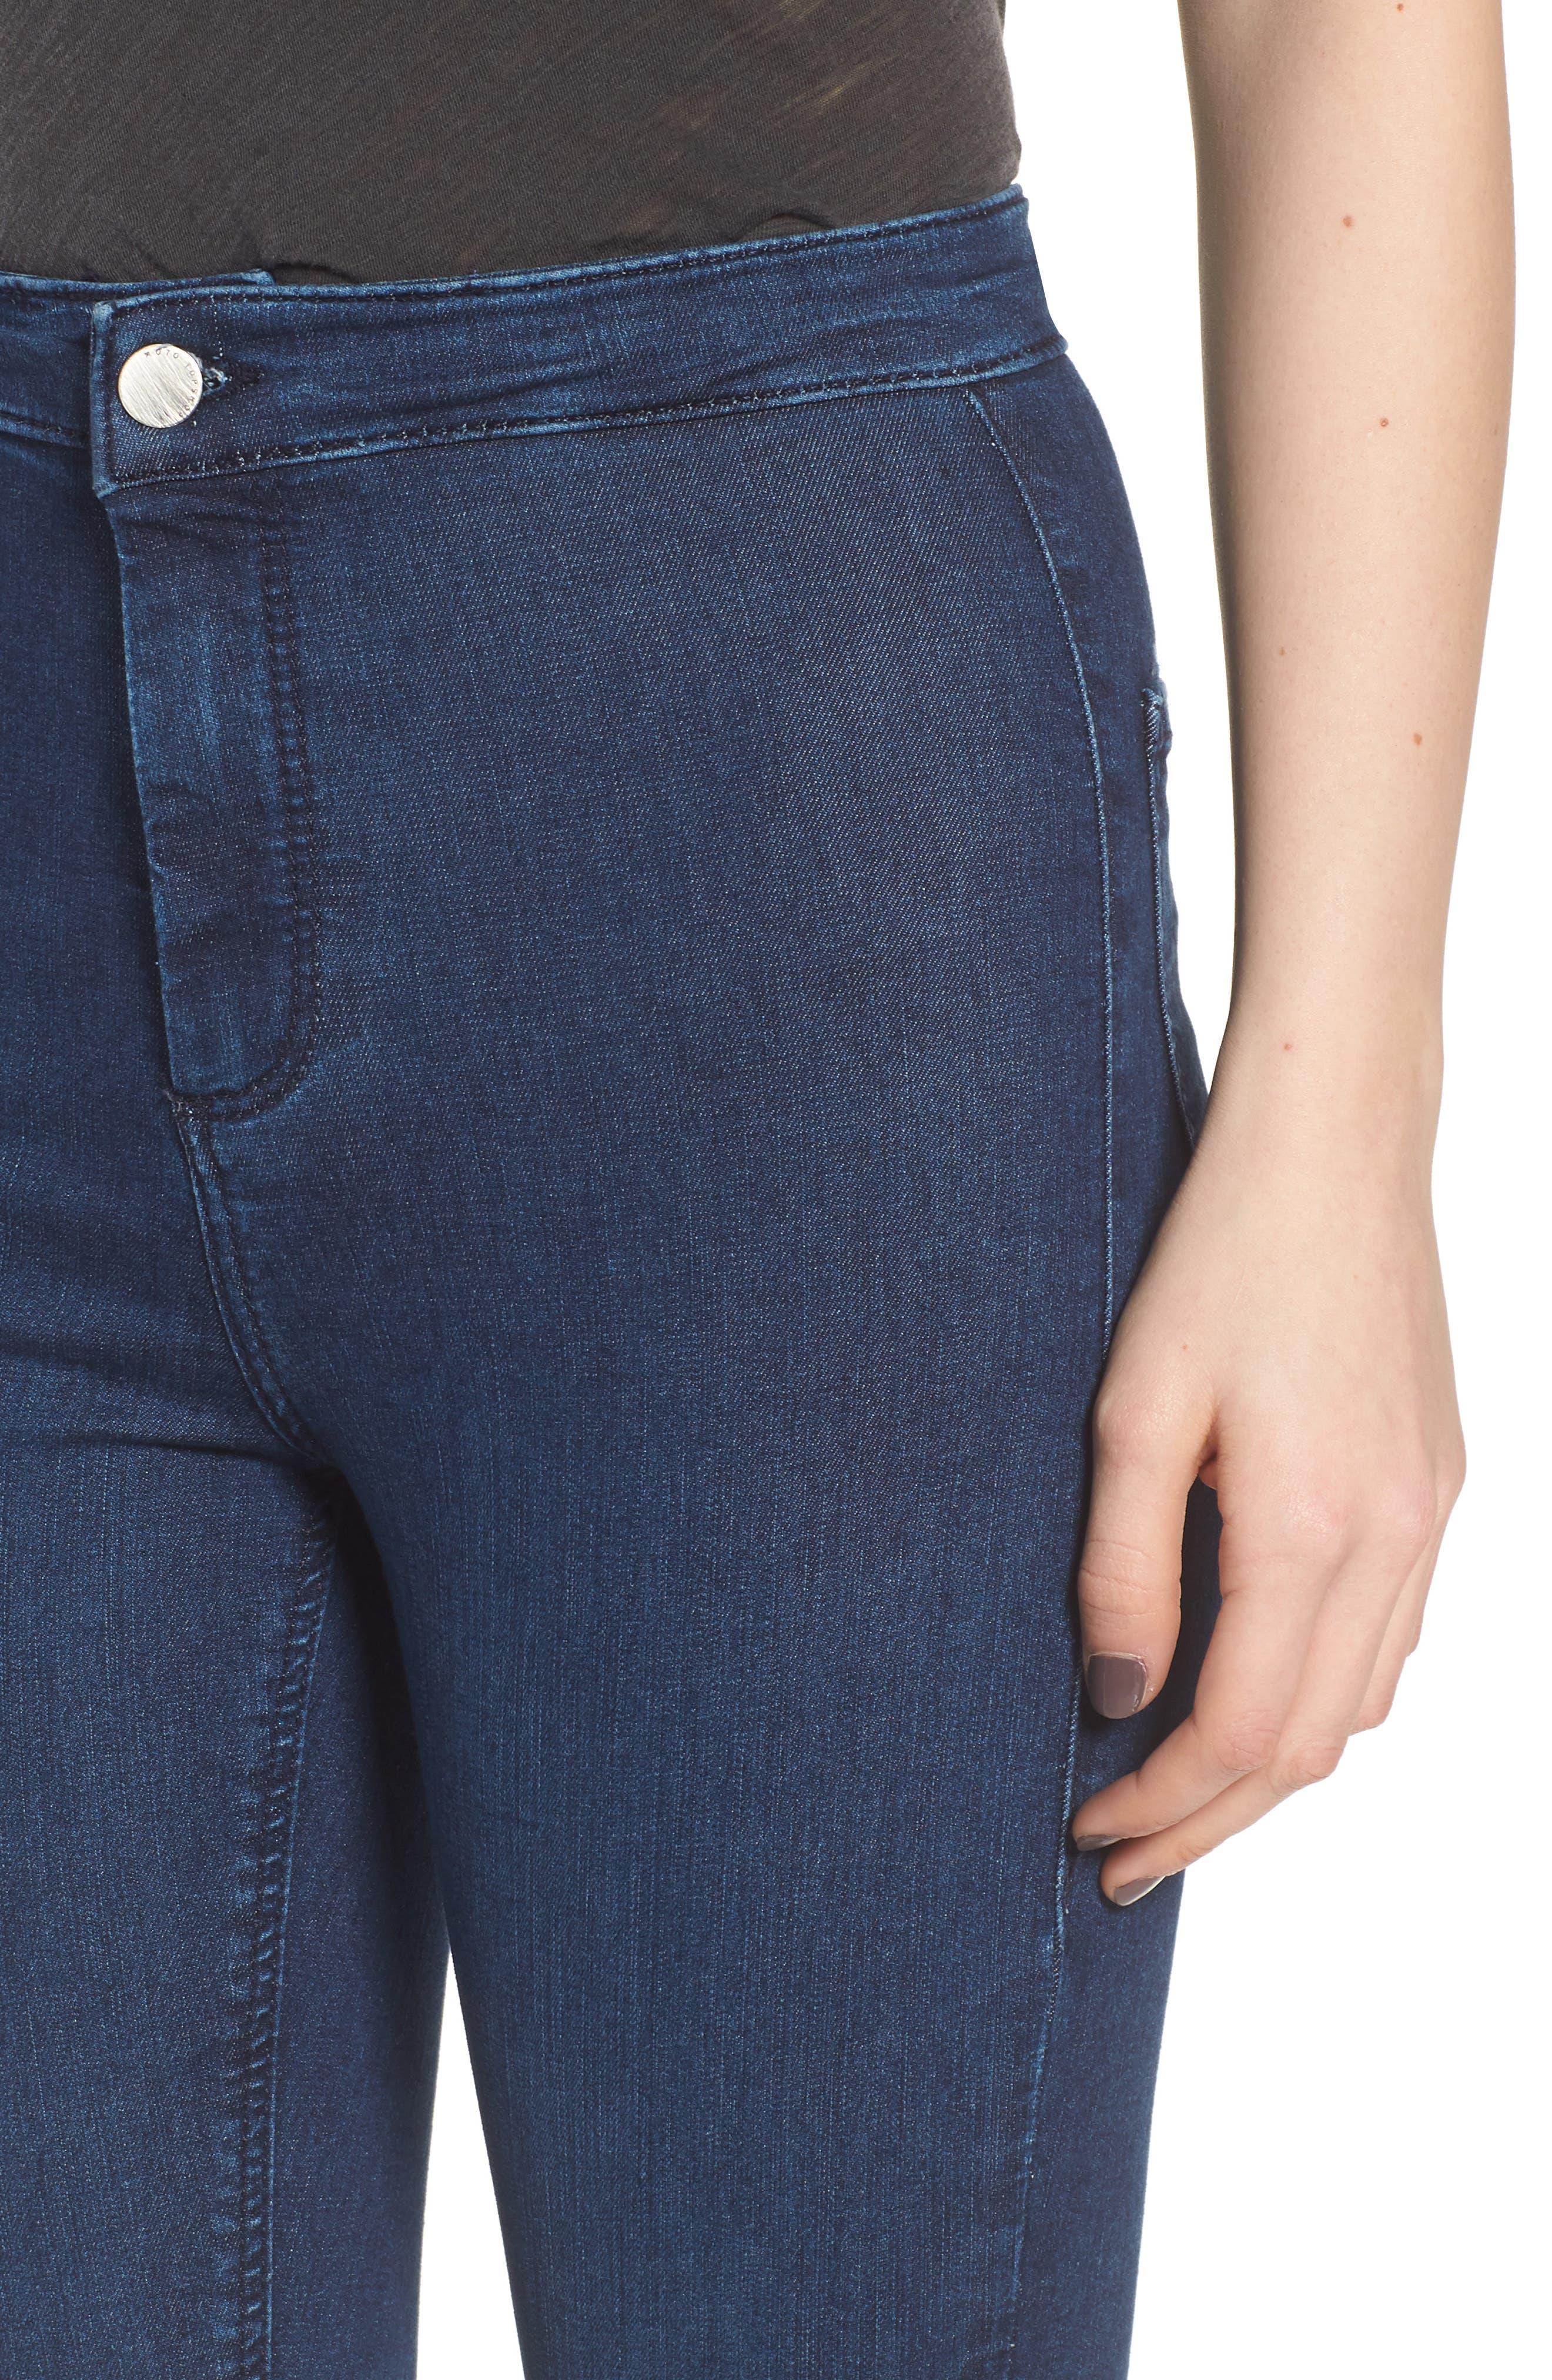 Moto 'Joni' Super Skinny Jeans,                             Alternate thumbnail 4, color,                             Navy Blue